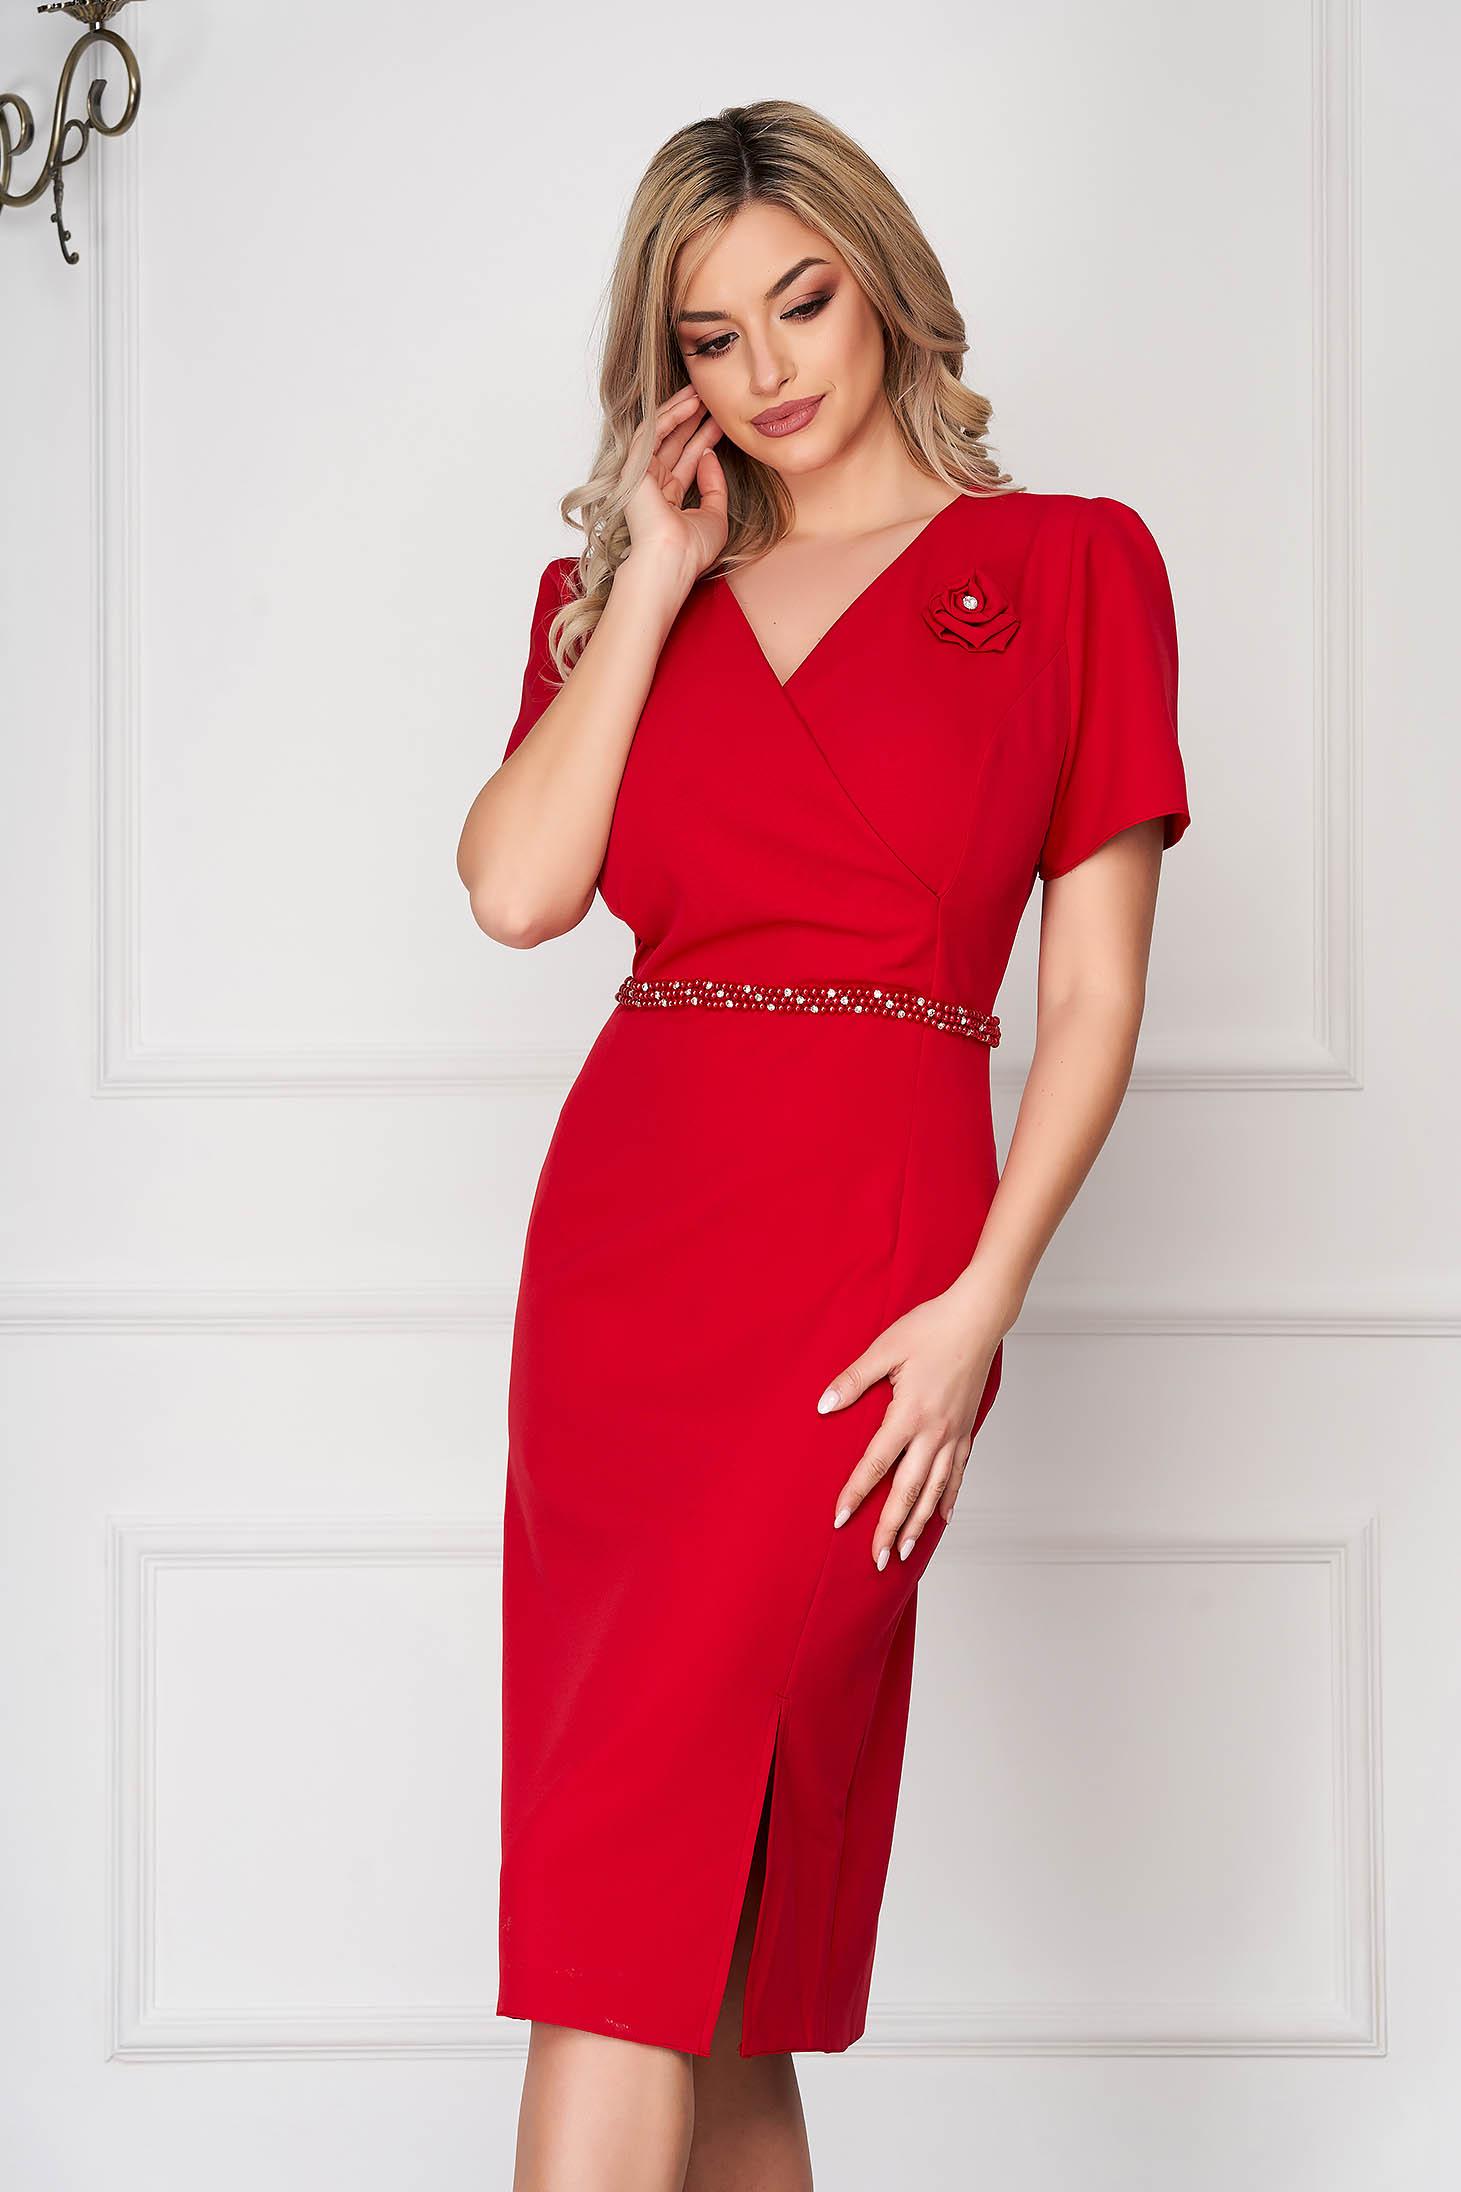 Rochie rosie eleganta midi tip creion din stofa subtire cu maneci scurte